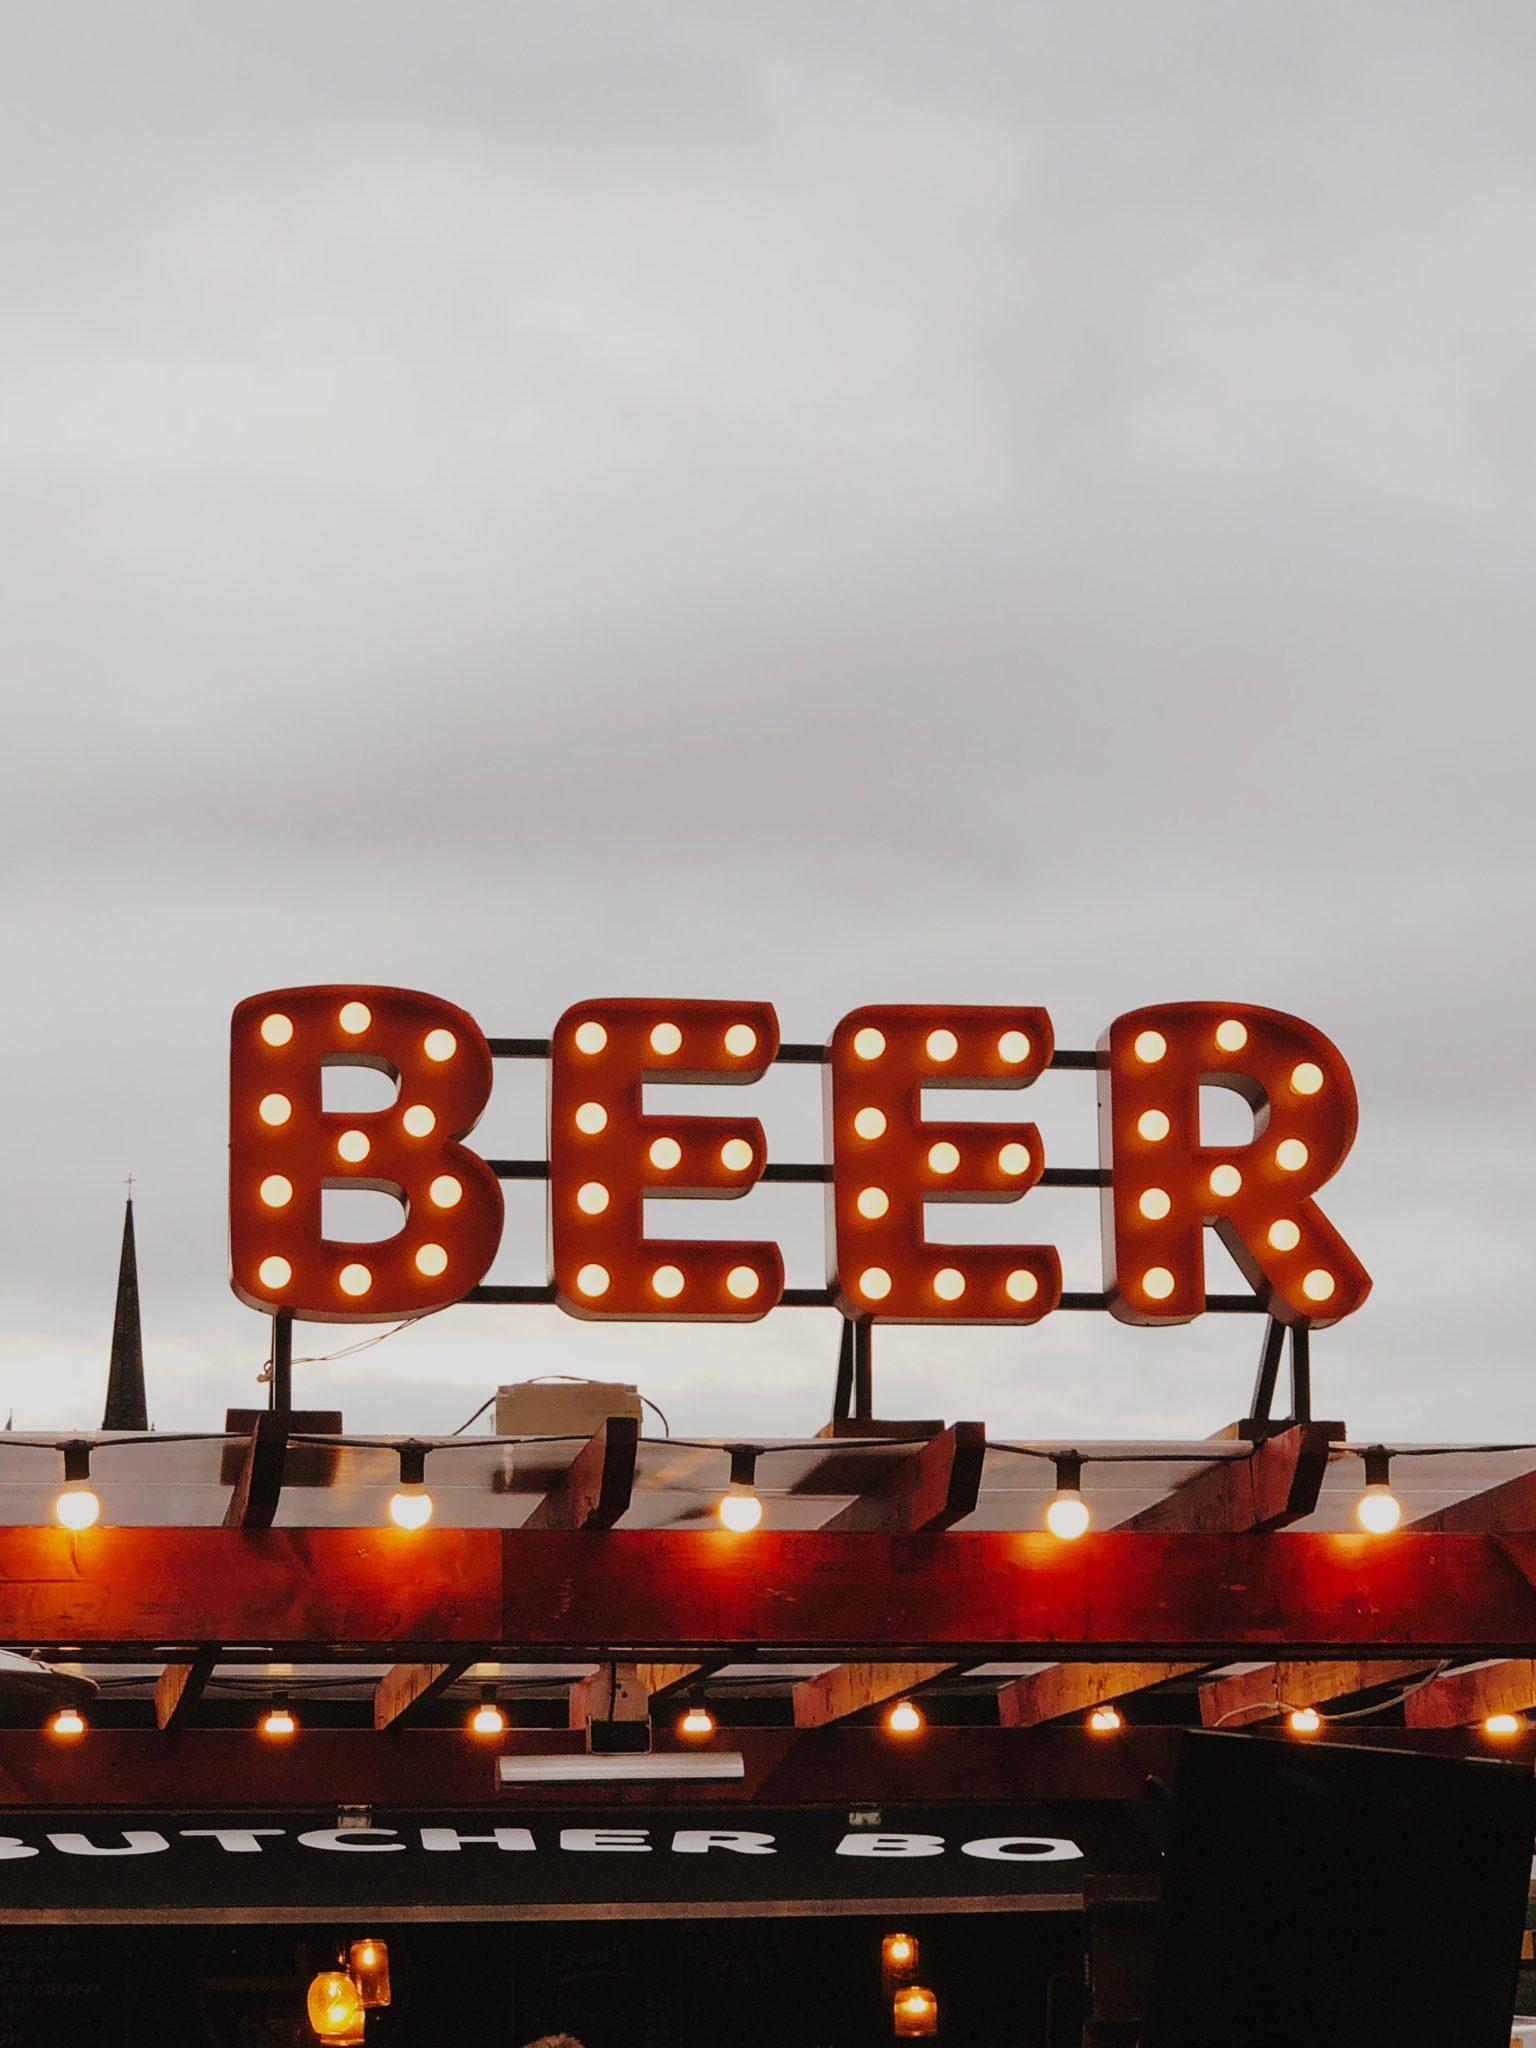 Image Marque de bière